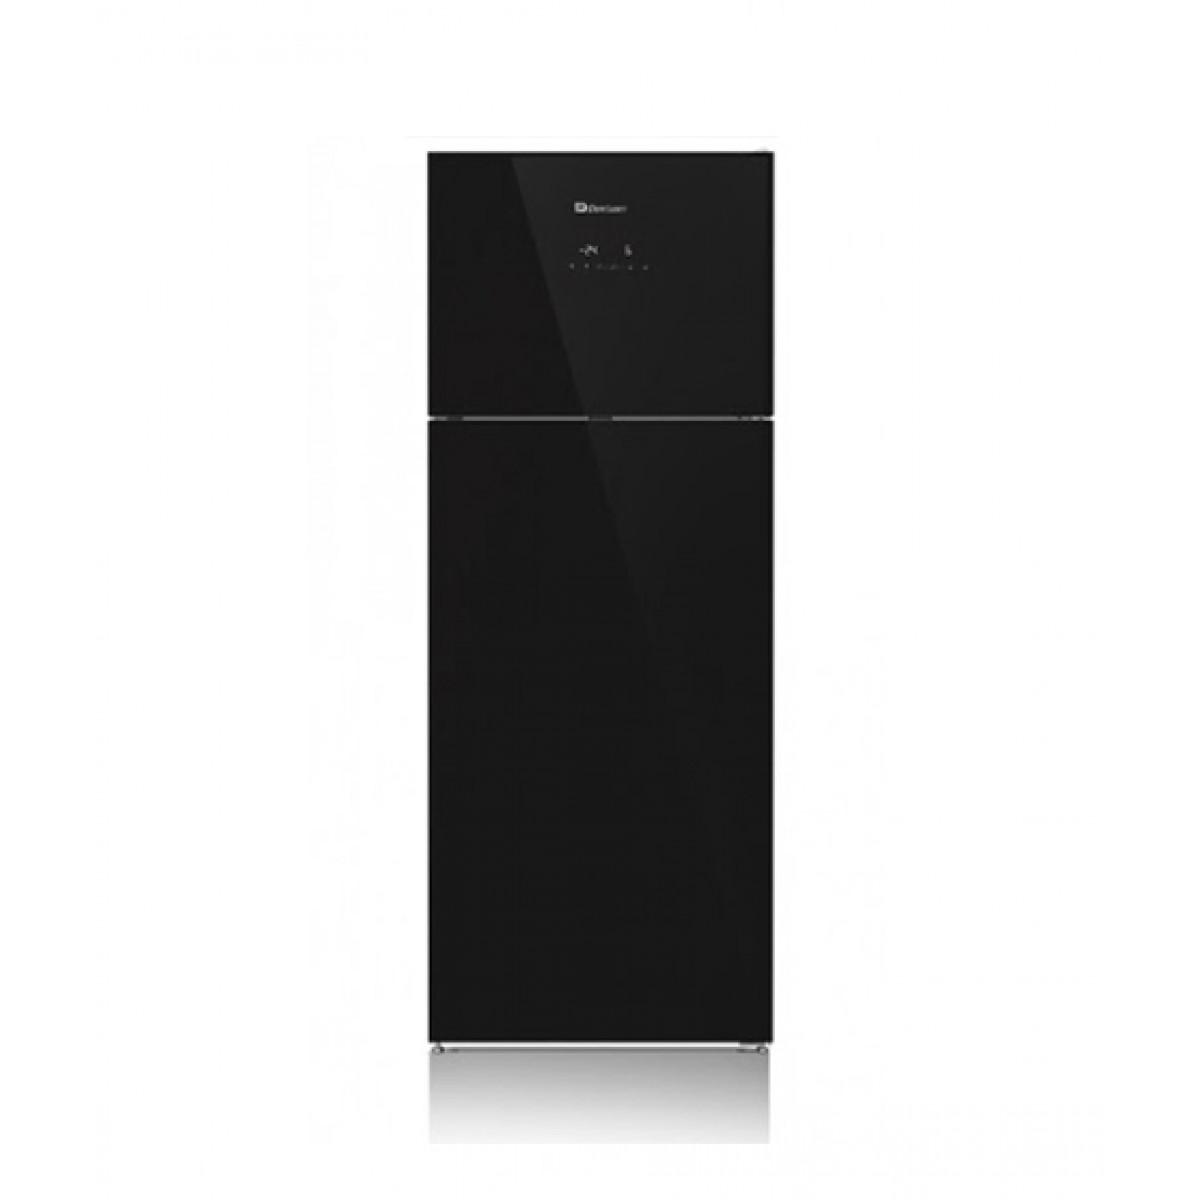 Dawlance Freezer-on-Top Refrigerator 505L (DW-550 GD)